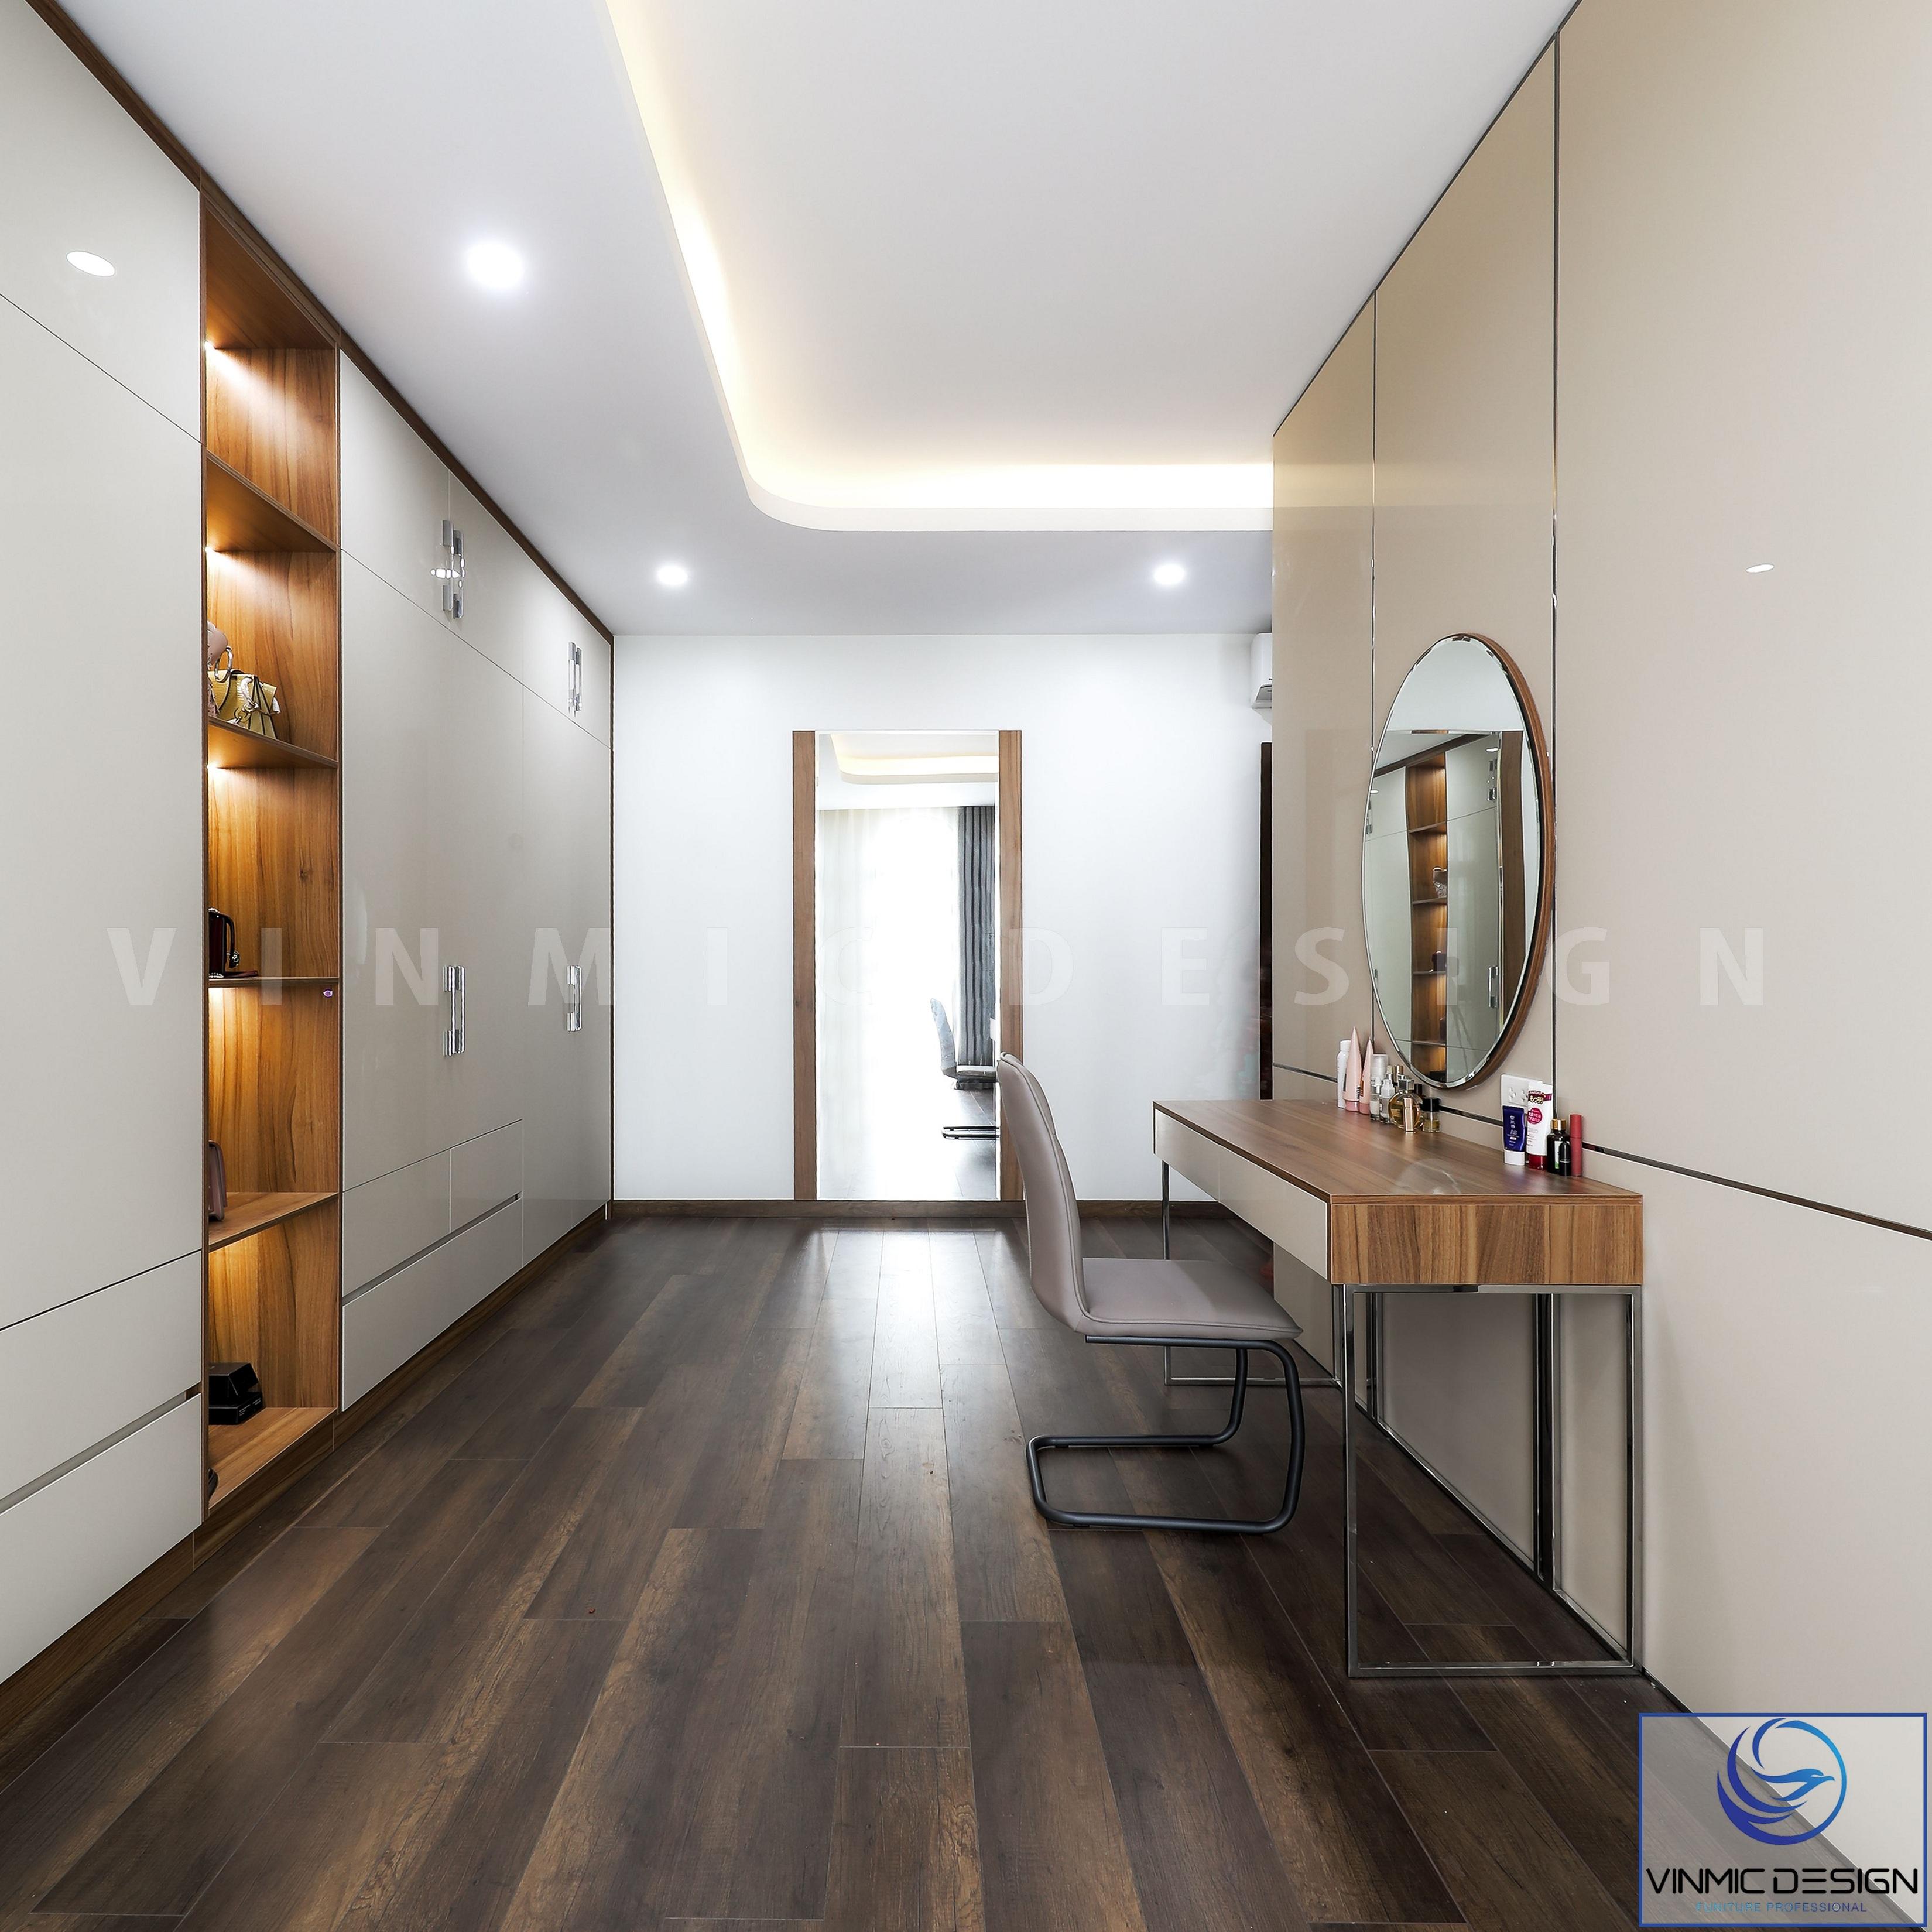 Tận dung phía sau phòng ngủ master là tủ quần áo và bàn trang điểm